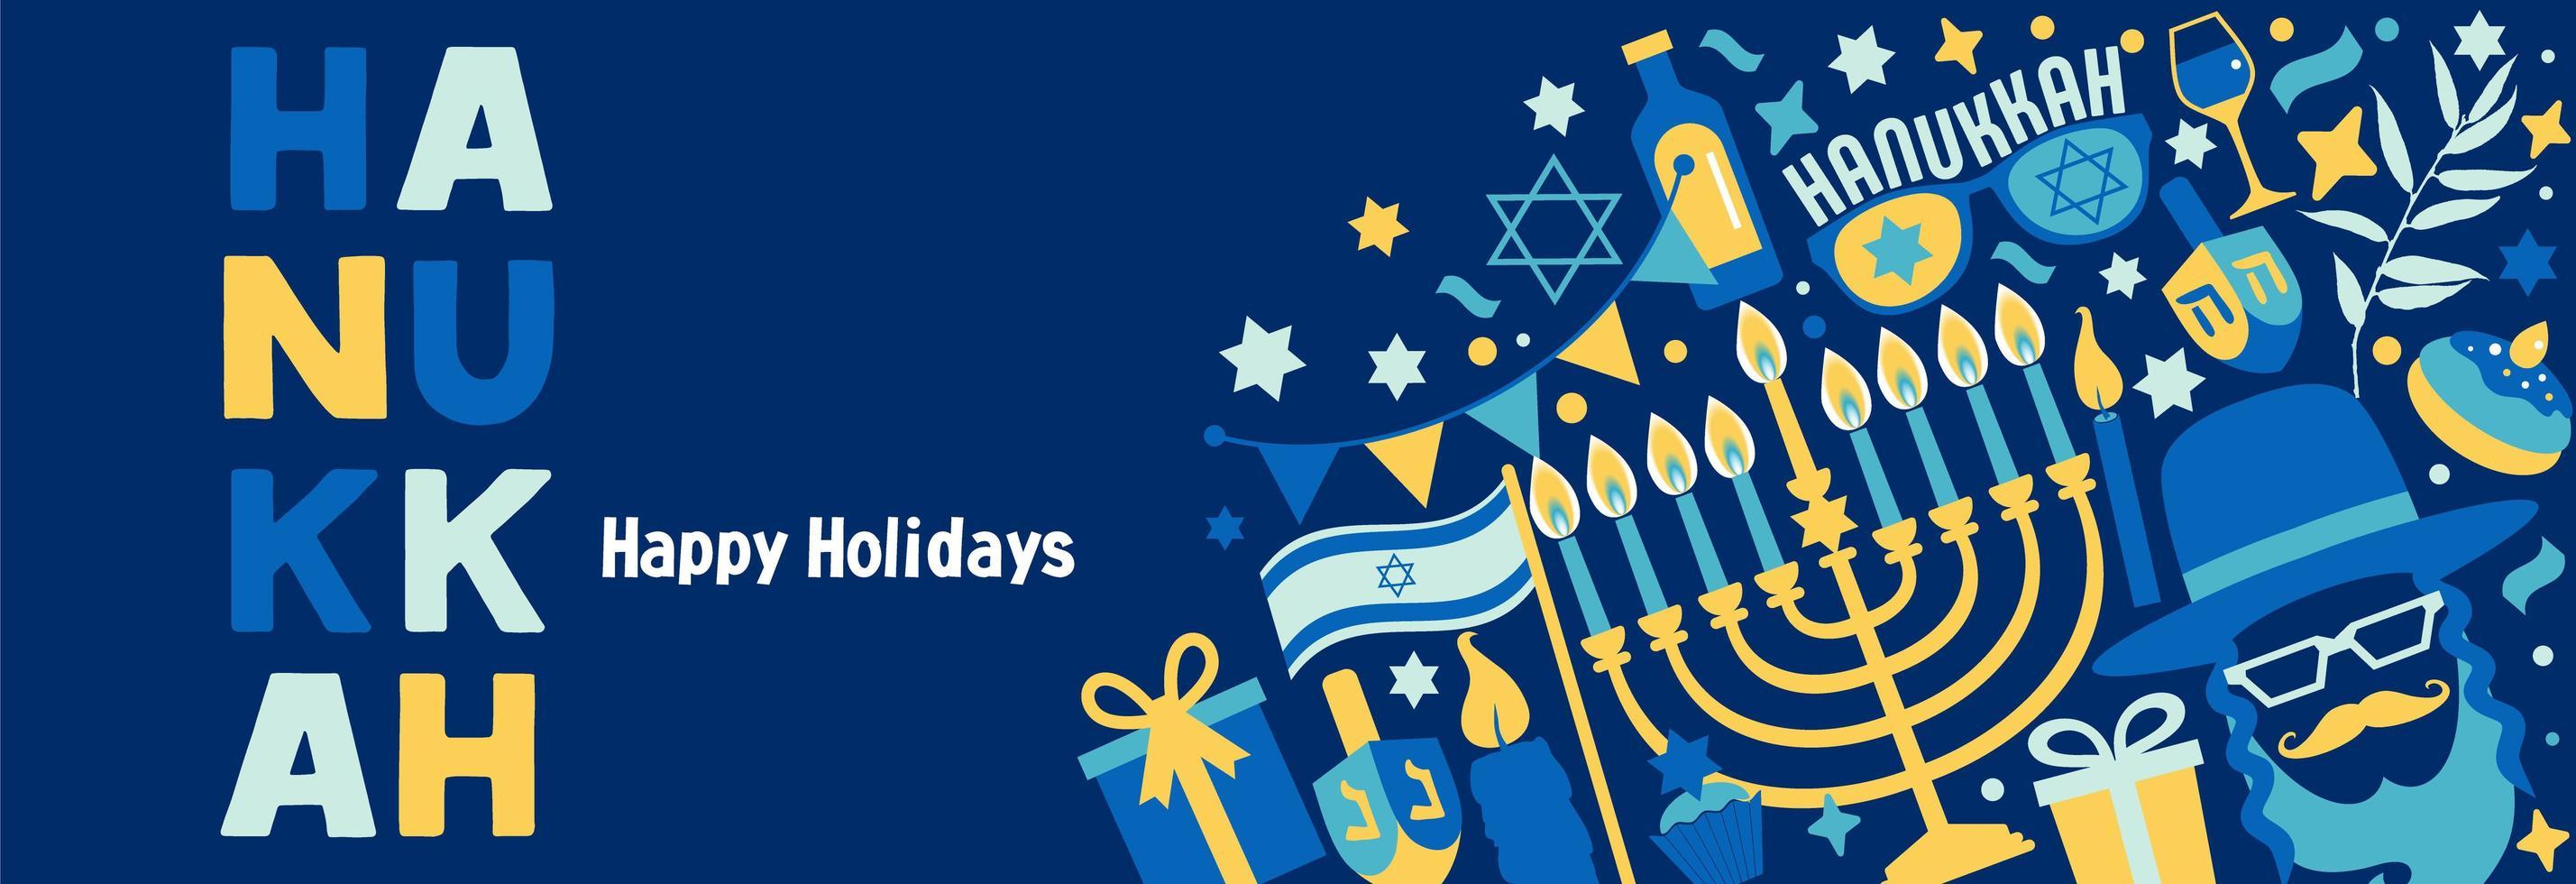 joodse feestdag hanukkah webbanner vector